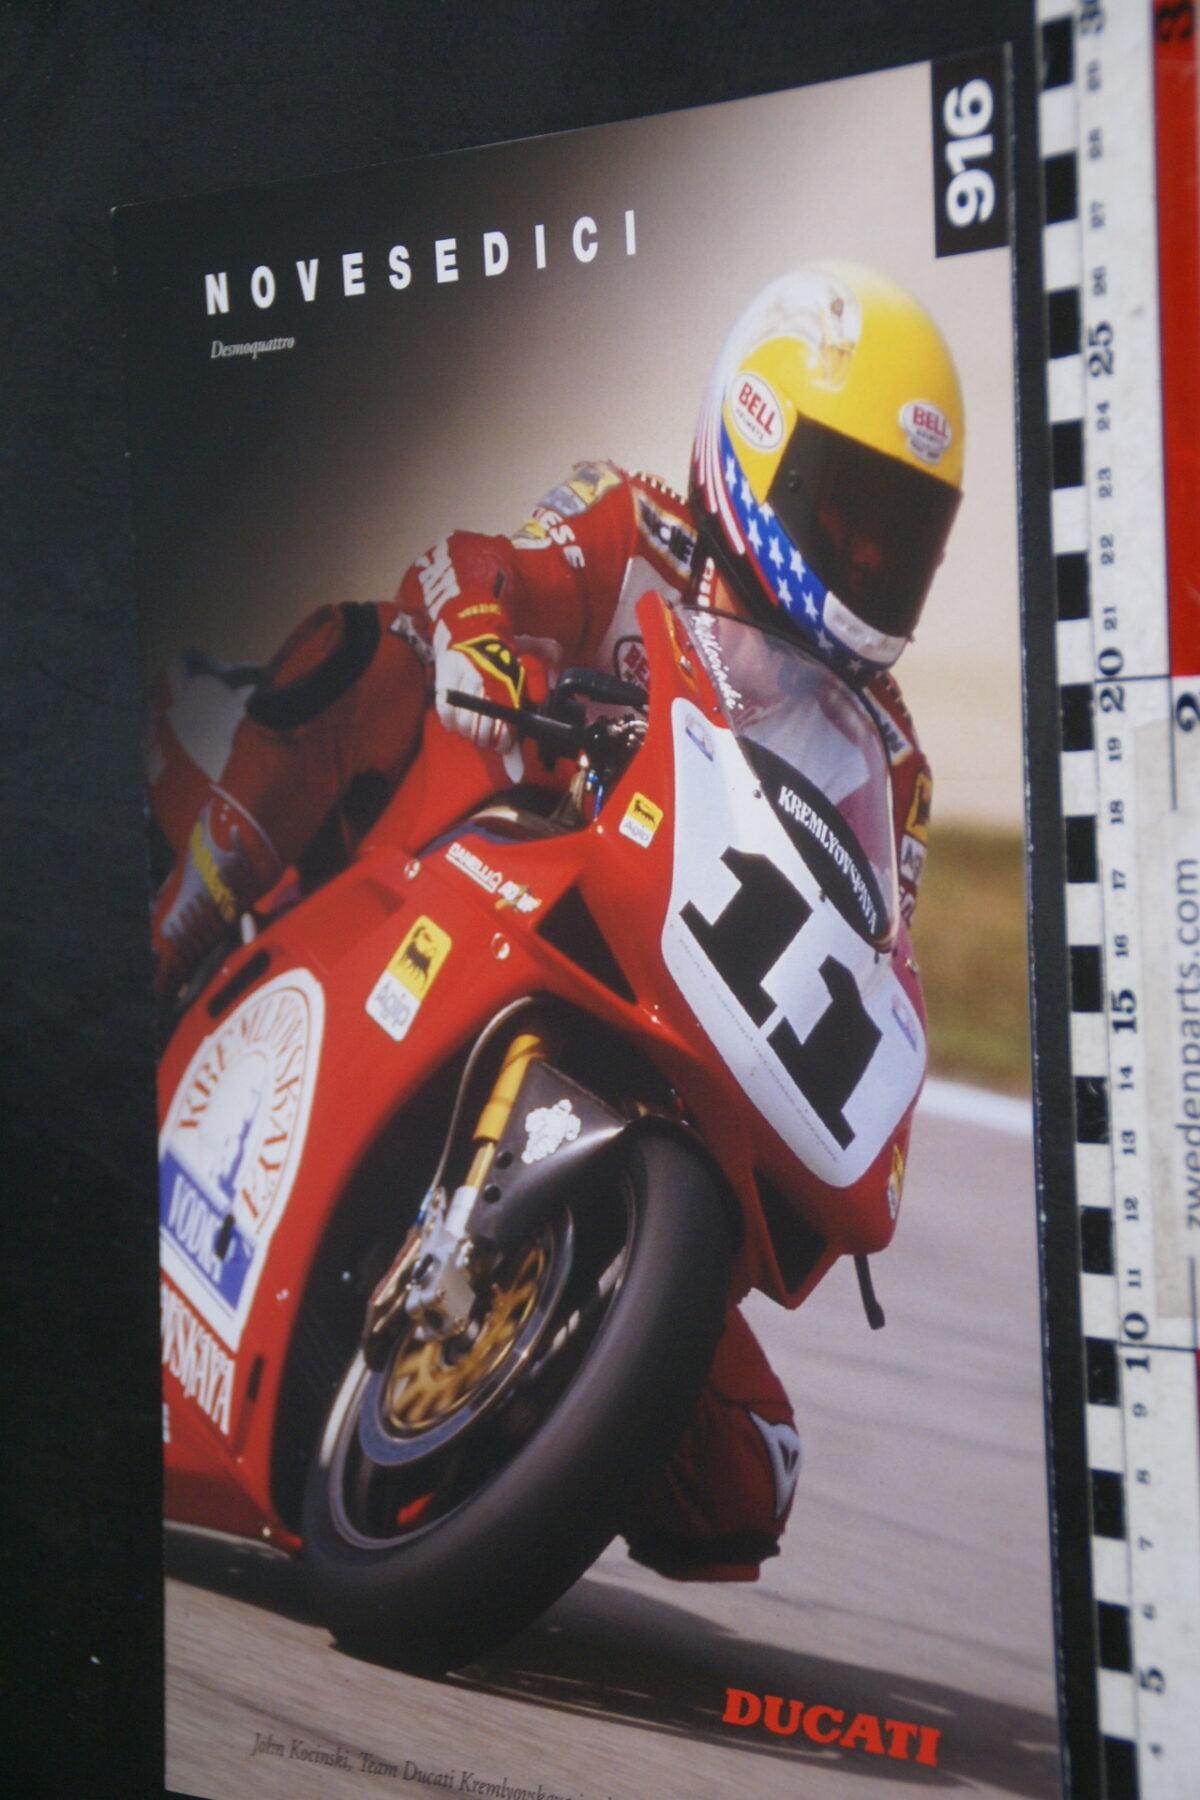 DSC02230 ca. 1995 originele brochure Ducati 916 motorfietsen nr D0132-b3888be9